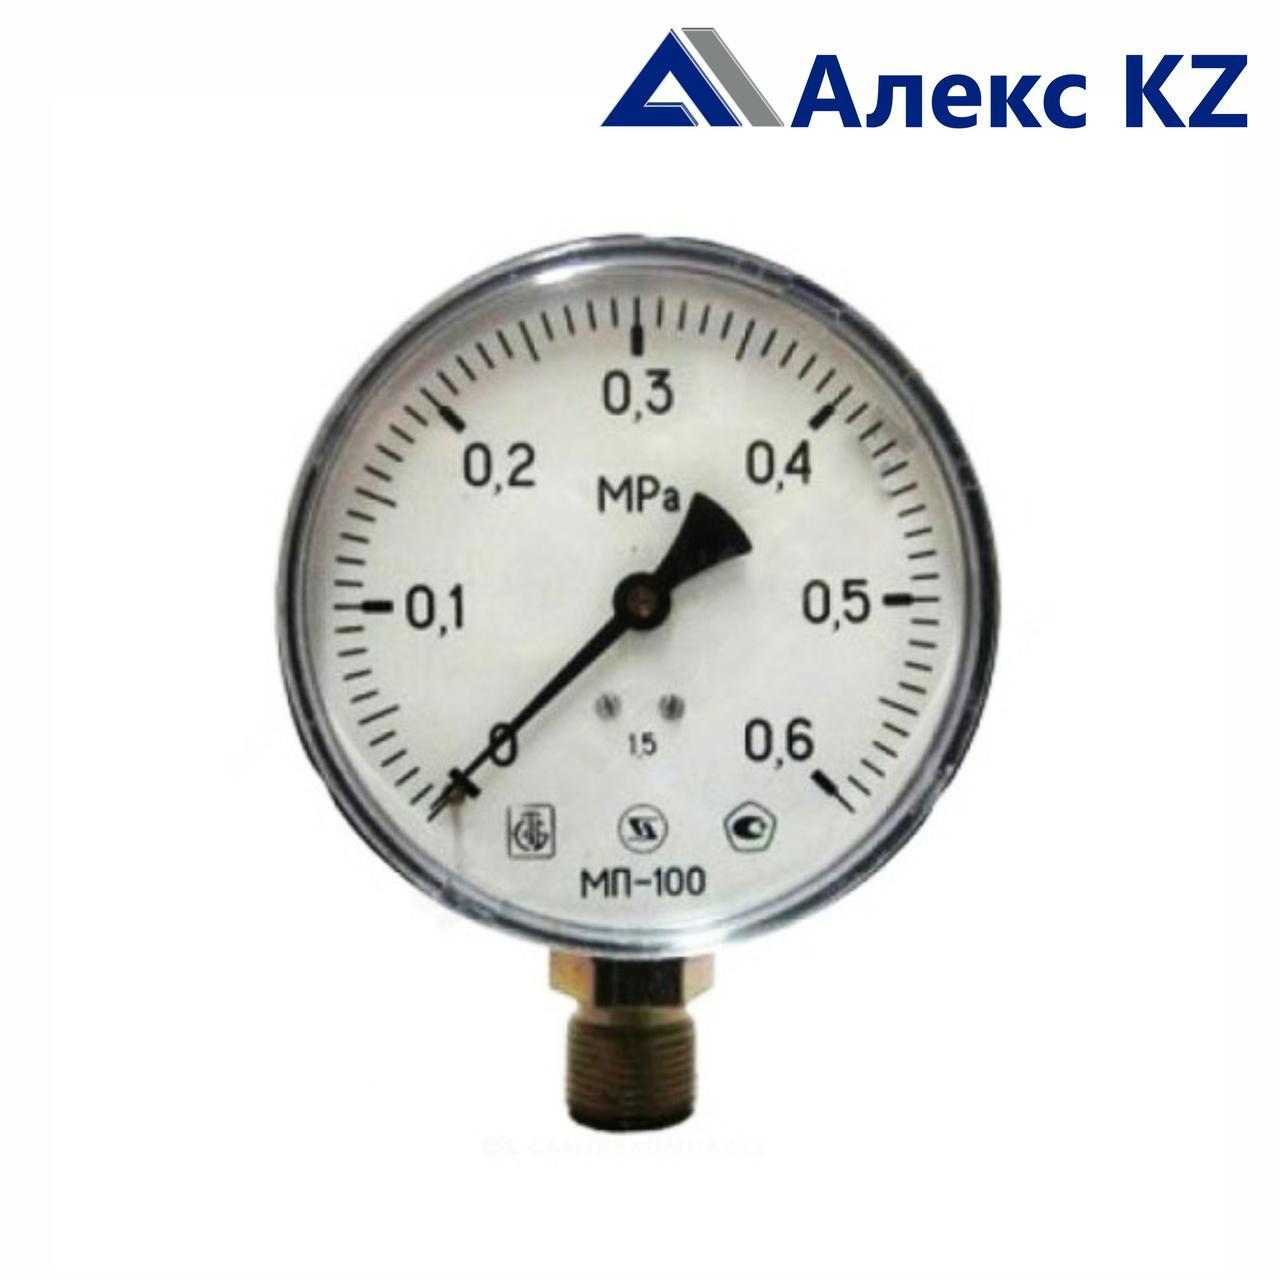 Манометр МП-100 радиальный Дк100 1,6МПа М20*1,5 Минск